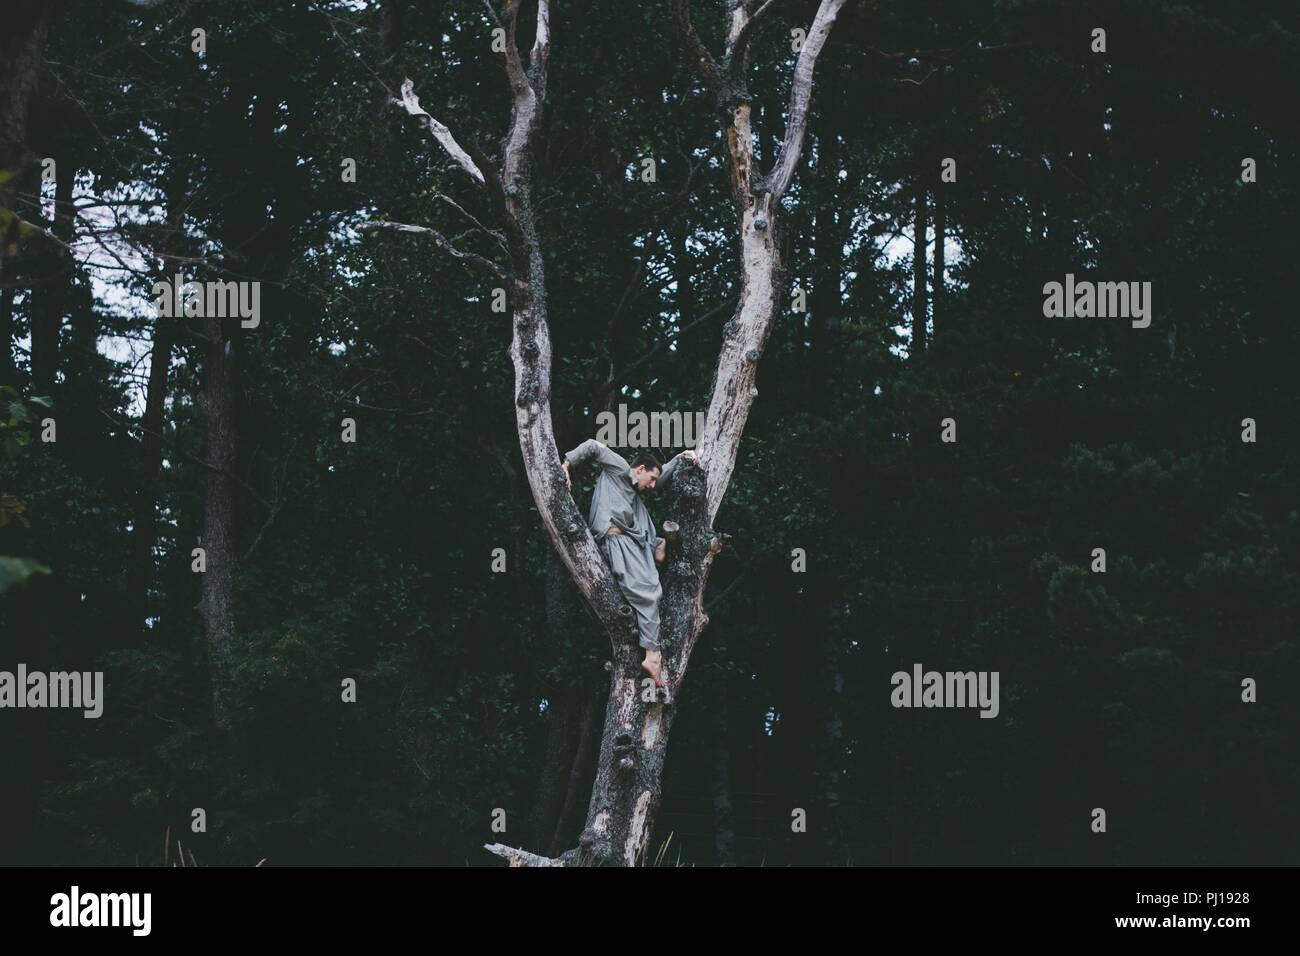 Man bewegt sich in der Natur Wald Stockfoto